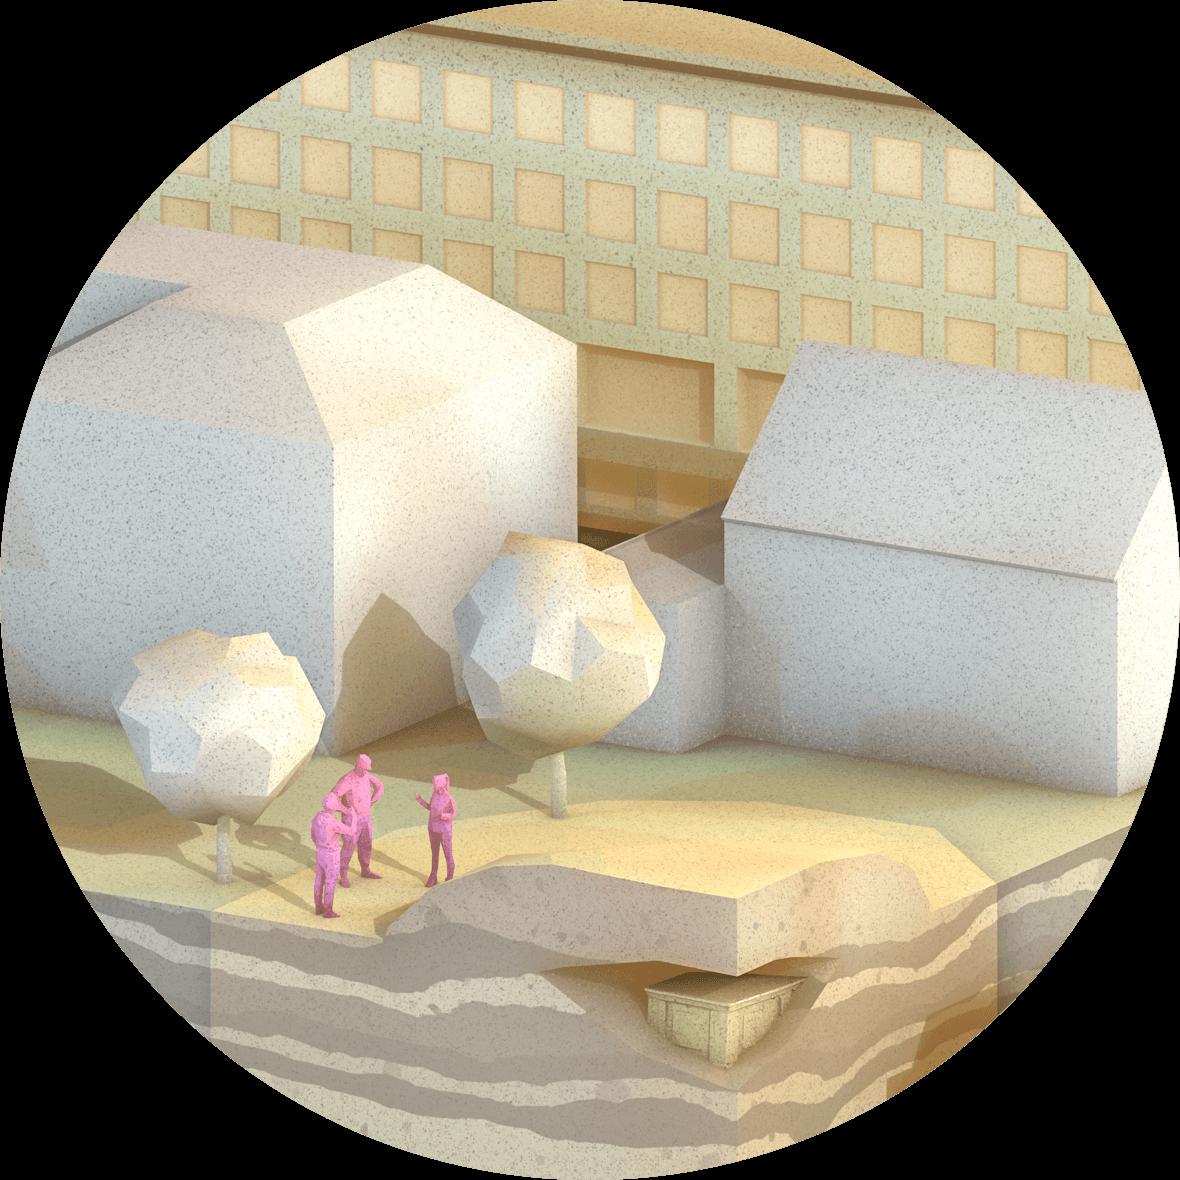 Ausschnitt Plakat, 3D-Visualisierung, Zoom 1, ikonaut